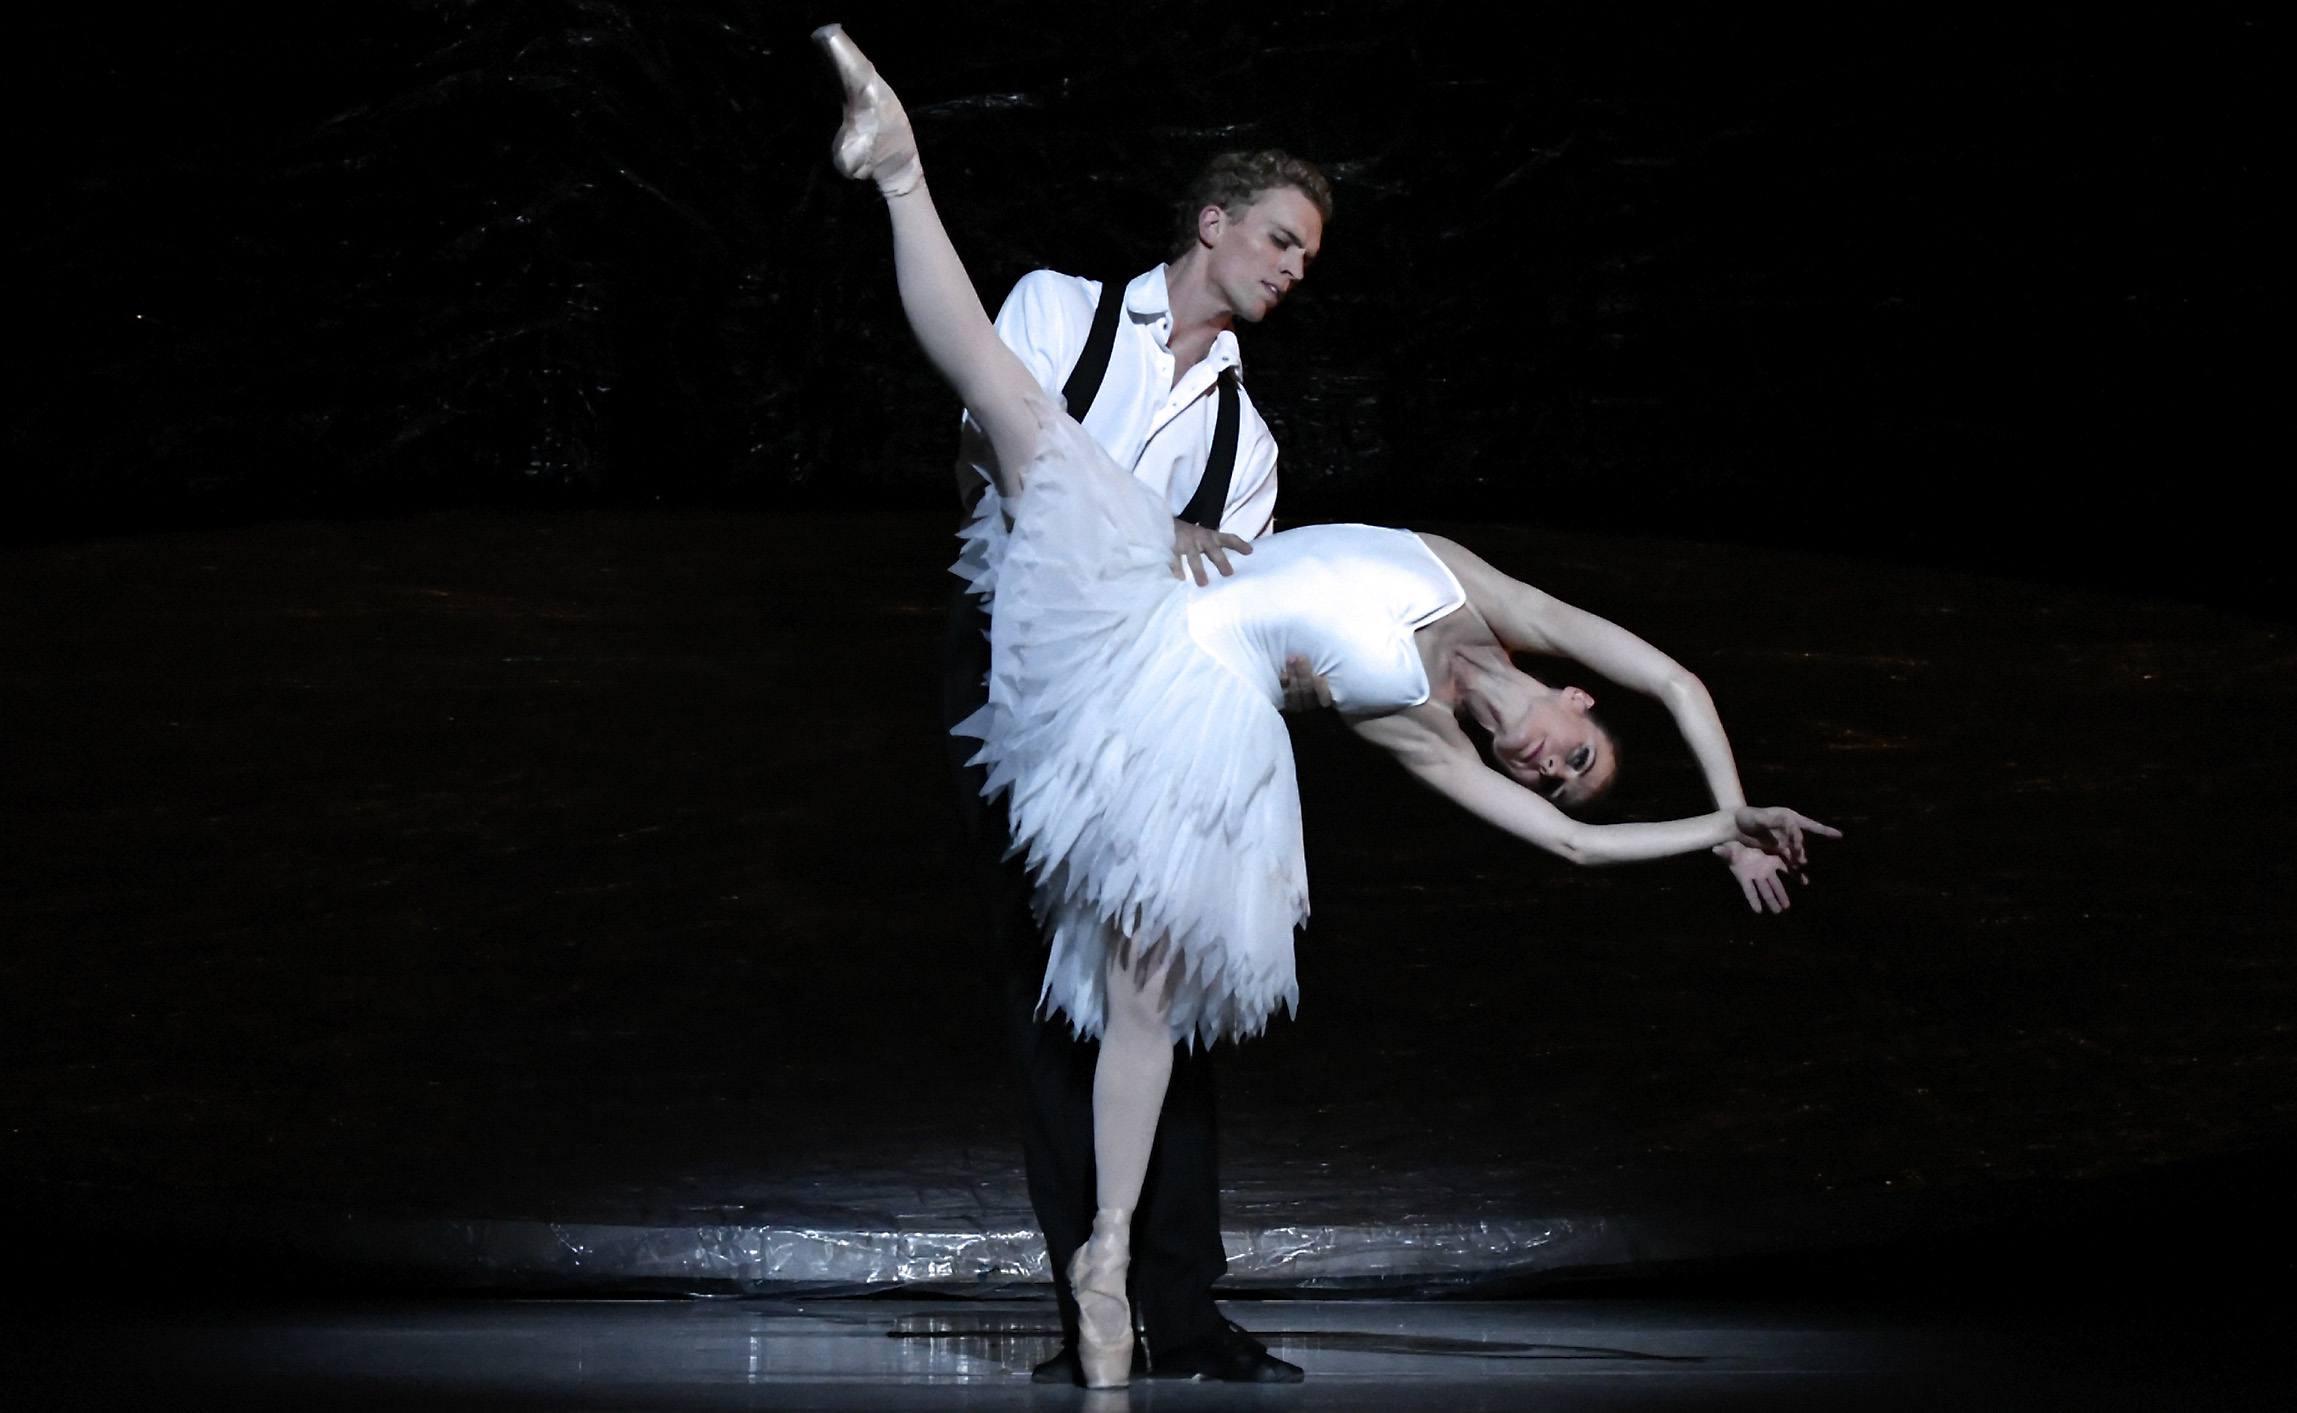 ballet performance of Swan Lake